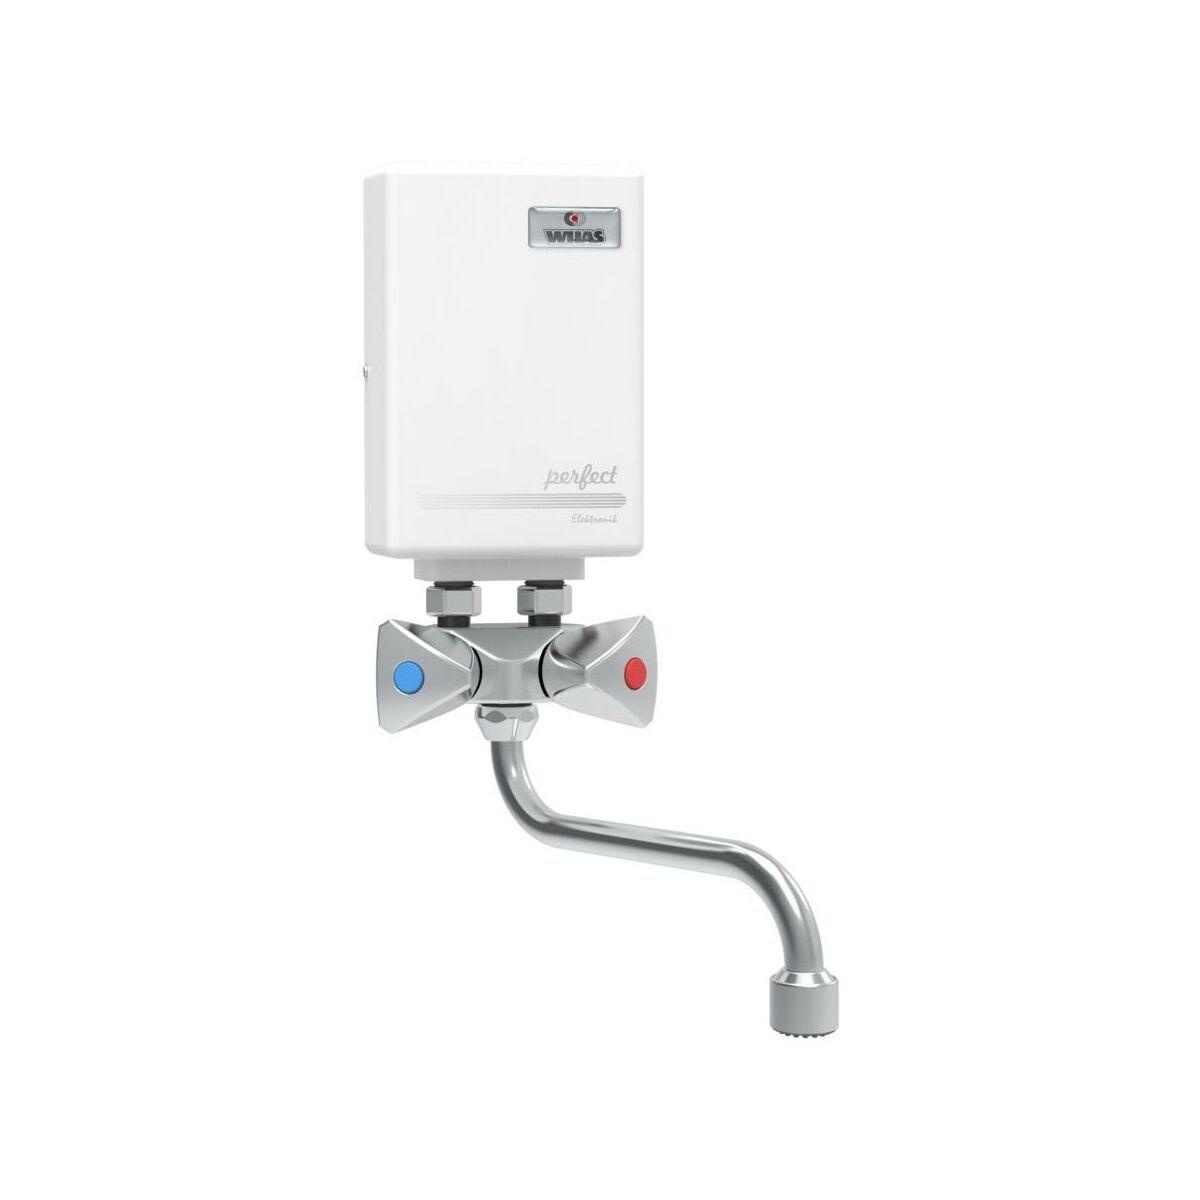 Elektryczny Przeplywowy Ogrzewacz Wody Perfect 400 Wijas Ogrzewacze Przeplywowe W Atrakcyjnej Cenie W Sklepach Leroy Merlin